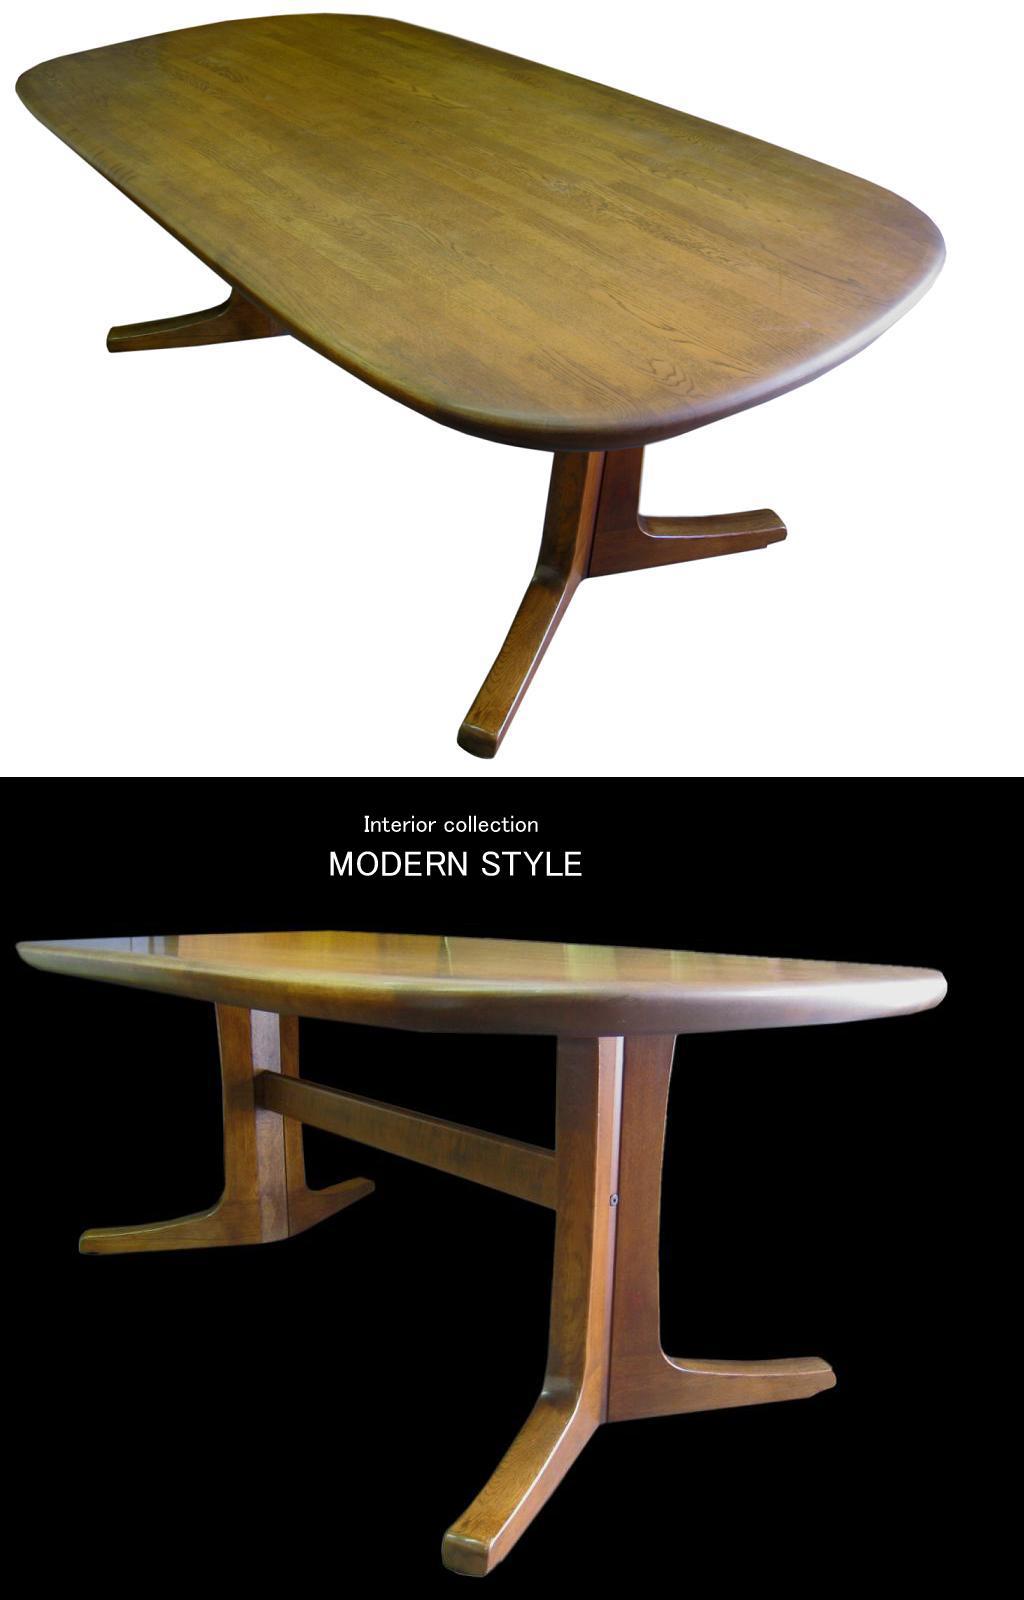 餐厅 餐桌 茶几 家具 装修 桌 桌椅 桌子 1024_1600 竖版 竖屏